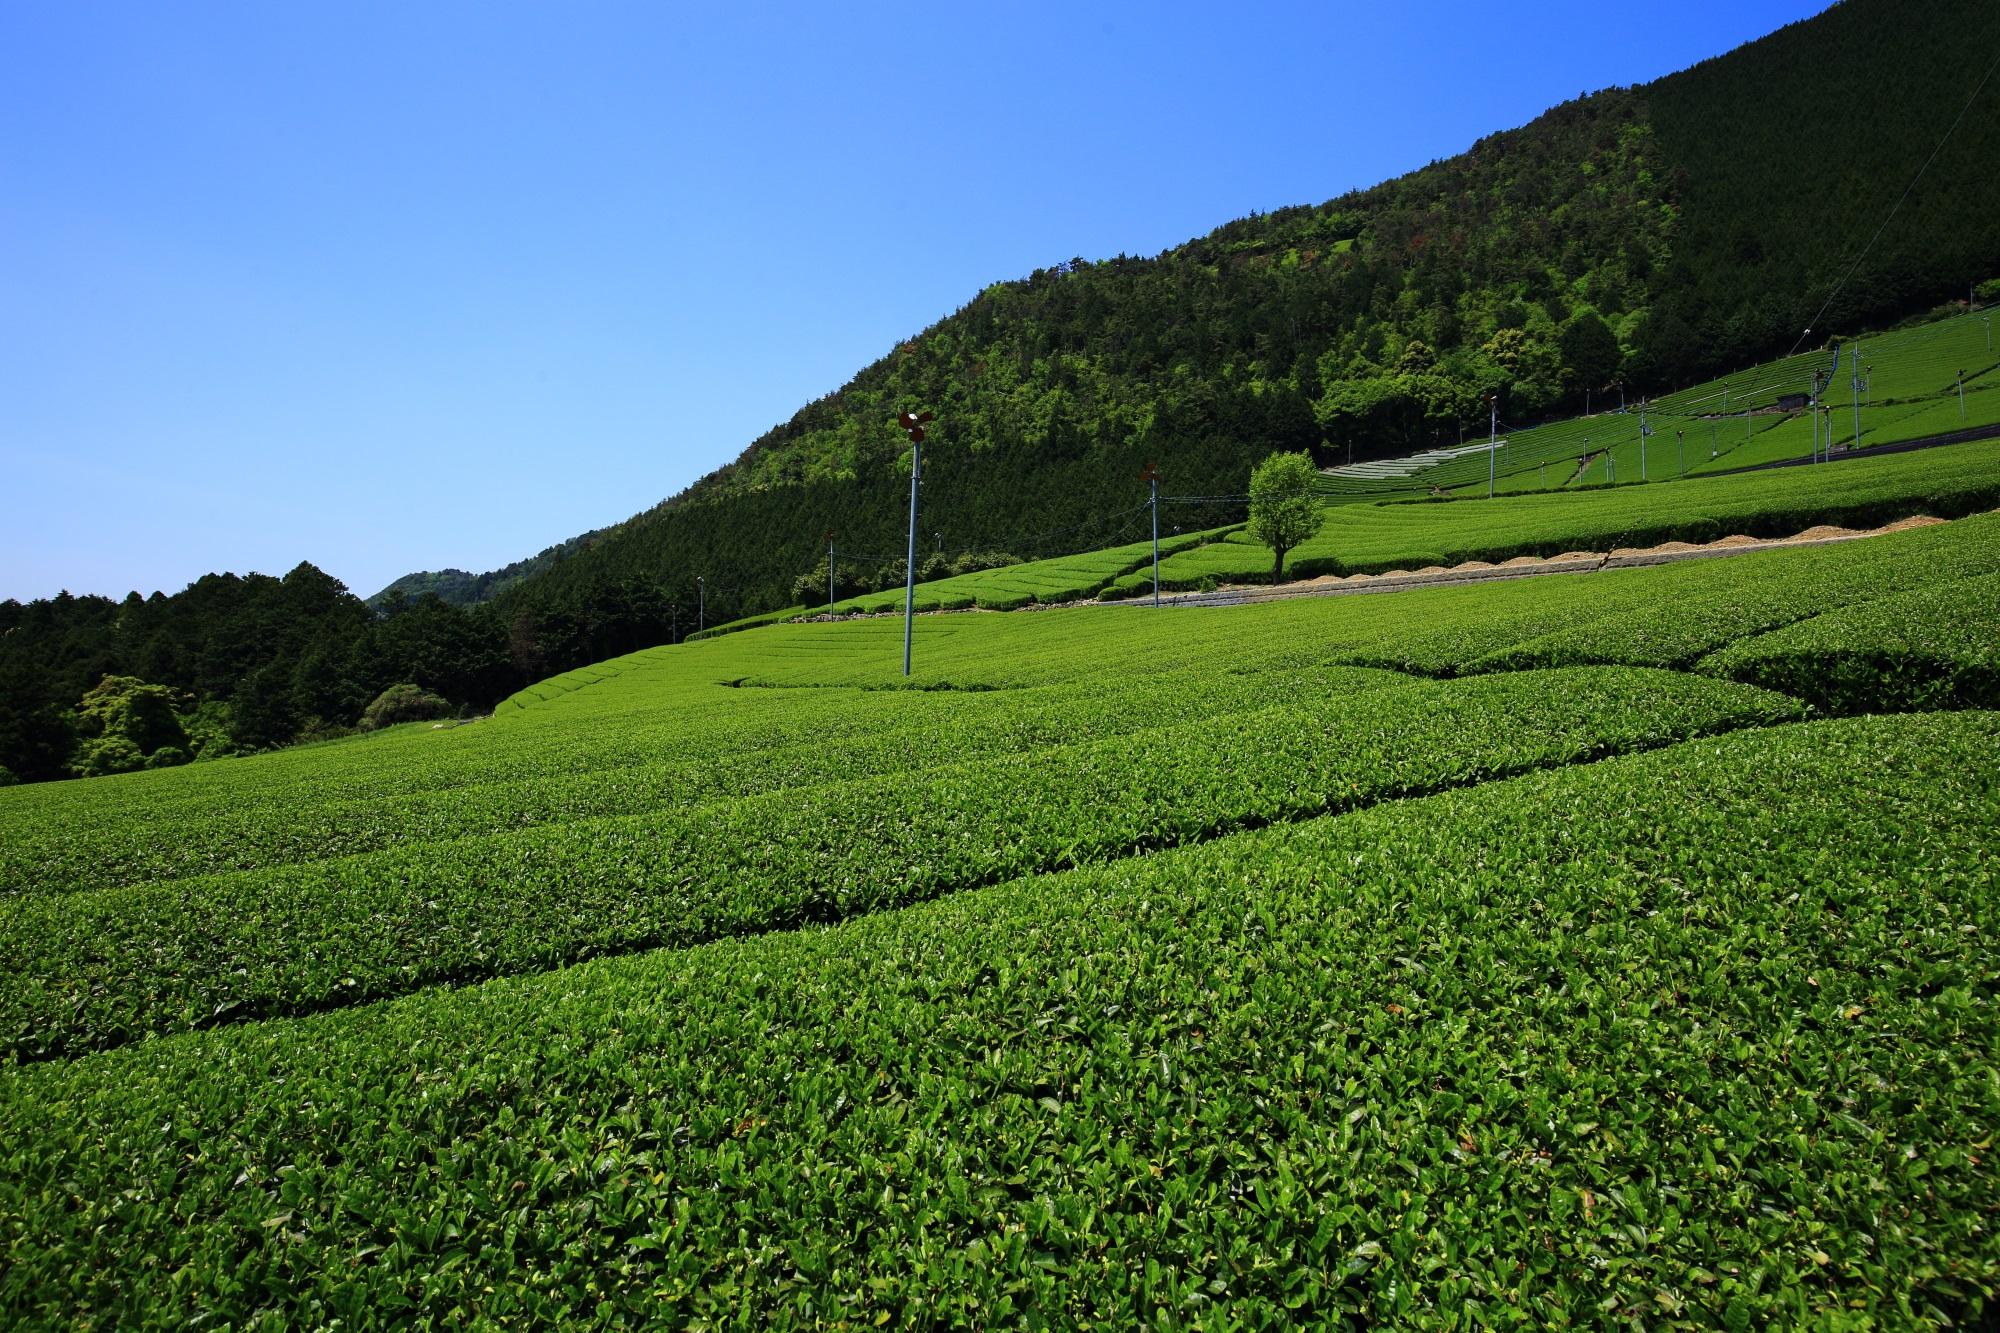 鷲峰山(じゅうぶさん)の斜面にそってまだまだ広がる綺麗なお茶畑